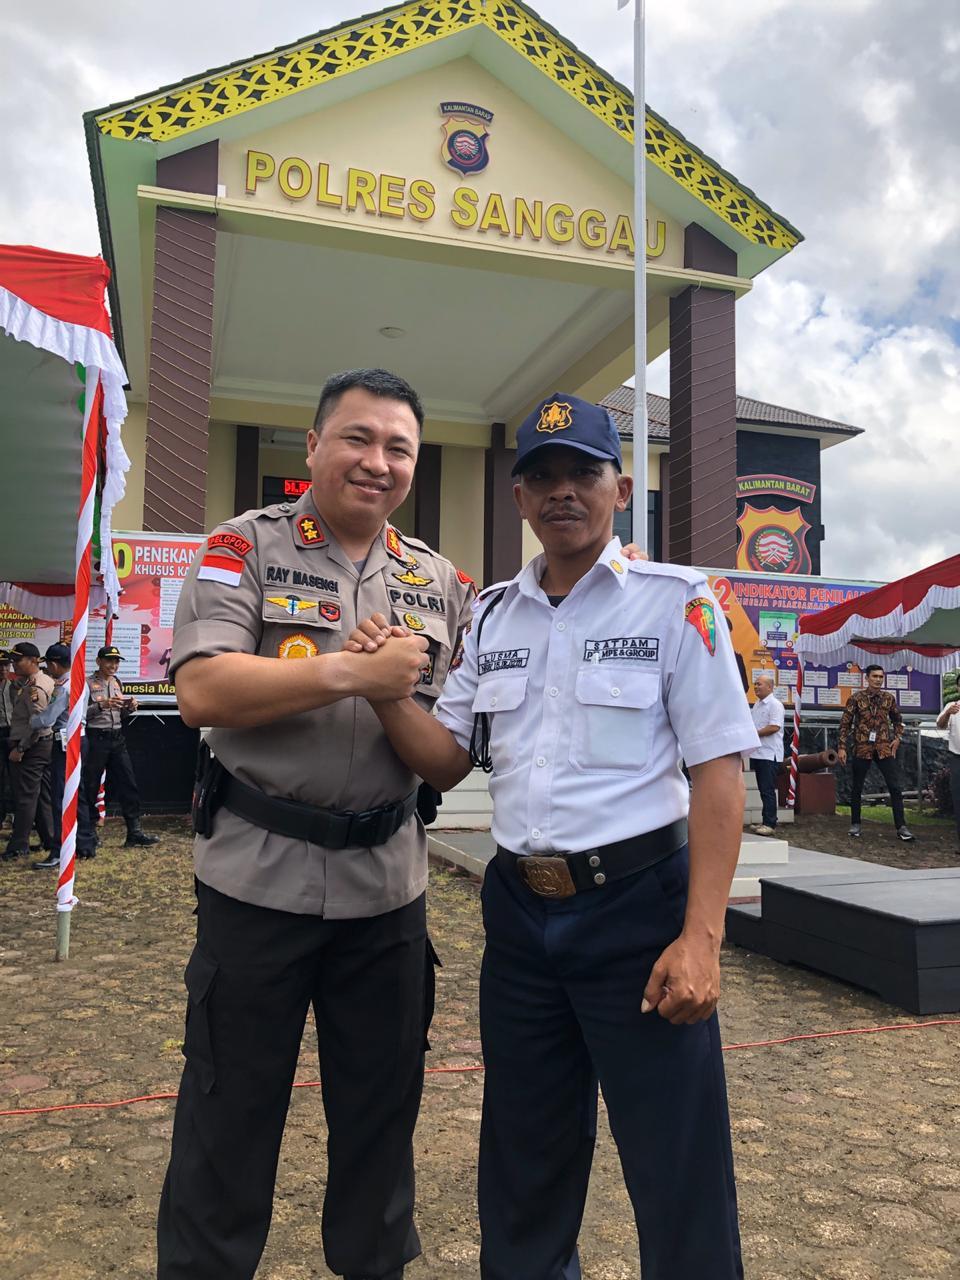 Hut Saptapm Ke-39, Kapolres Sanggau minta tingkatkan kerjasama dan  sinergis